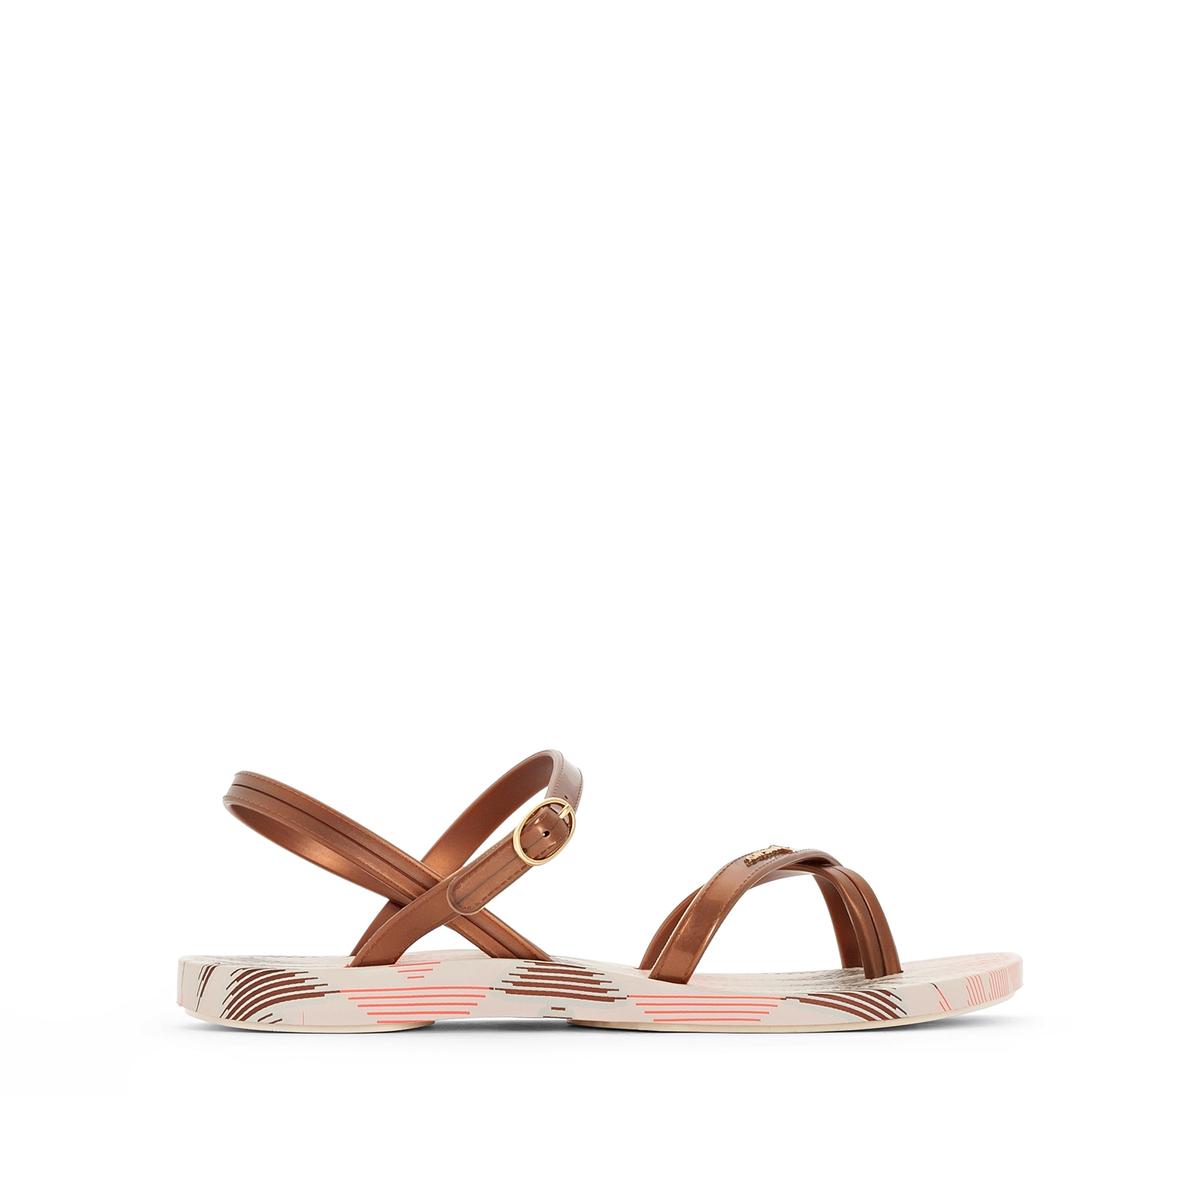 Сандалии Fashion Sandal IV FemВерх : Каучук   Стелька : Каучук   Подошва : Каучук   Форма каблука : плоский каблук.   Мысок : открытый мысок   Застежка : без застежки<br><br>Цвет: бежевый<br>Размер: 40